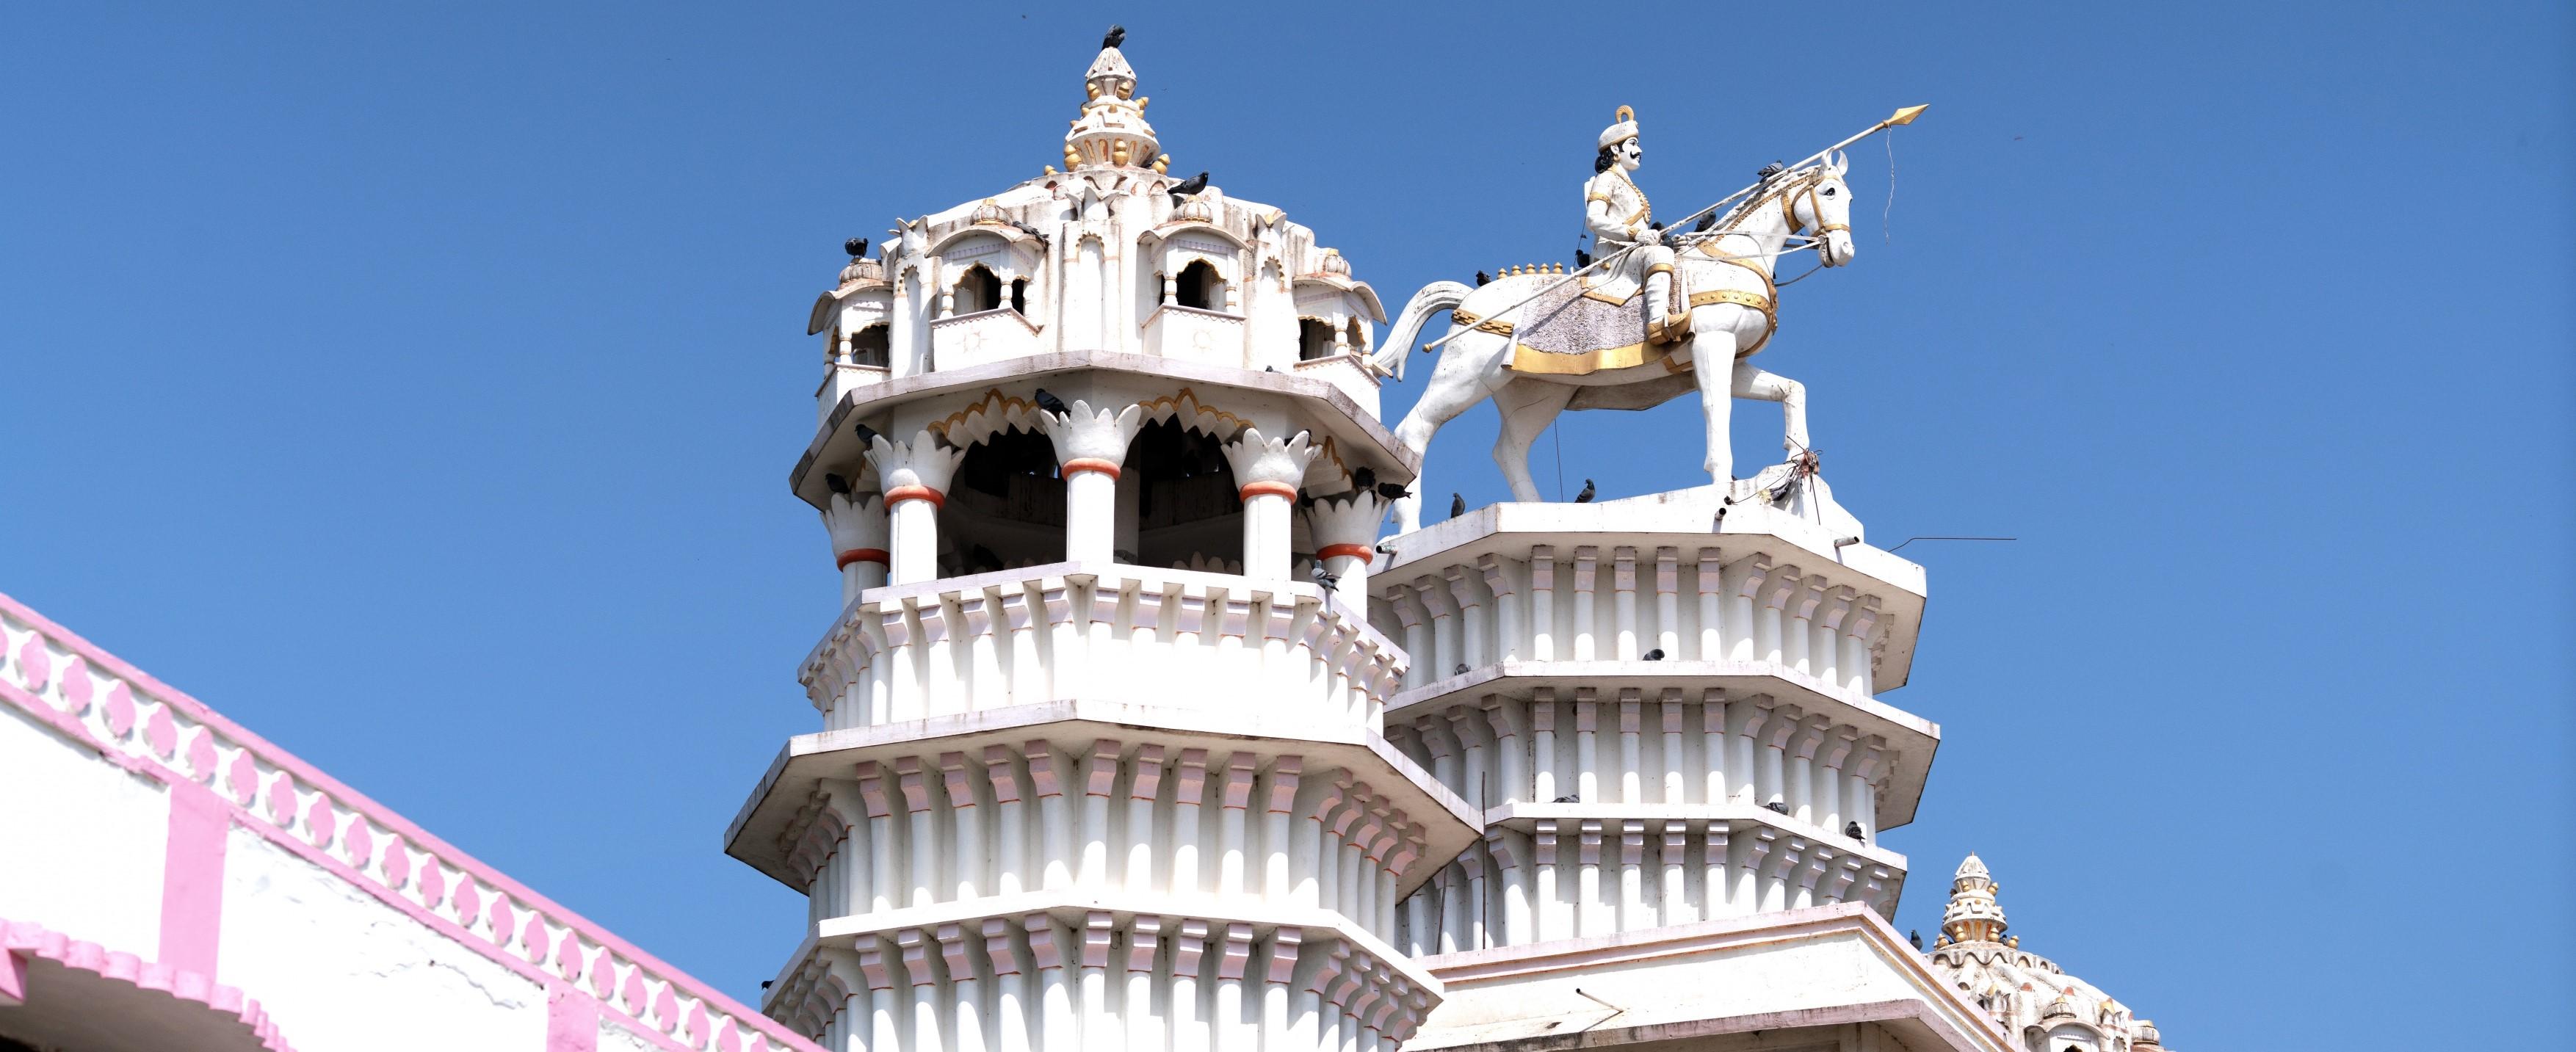 Barwara-town-roofscape